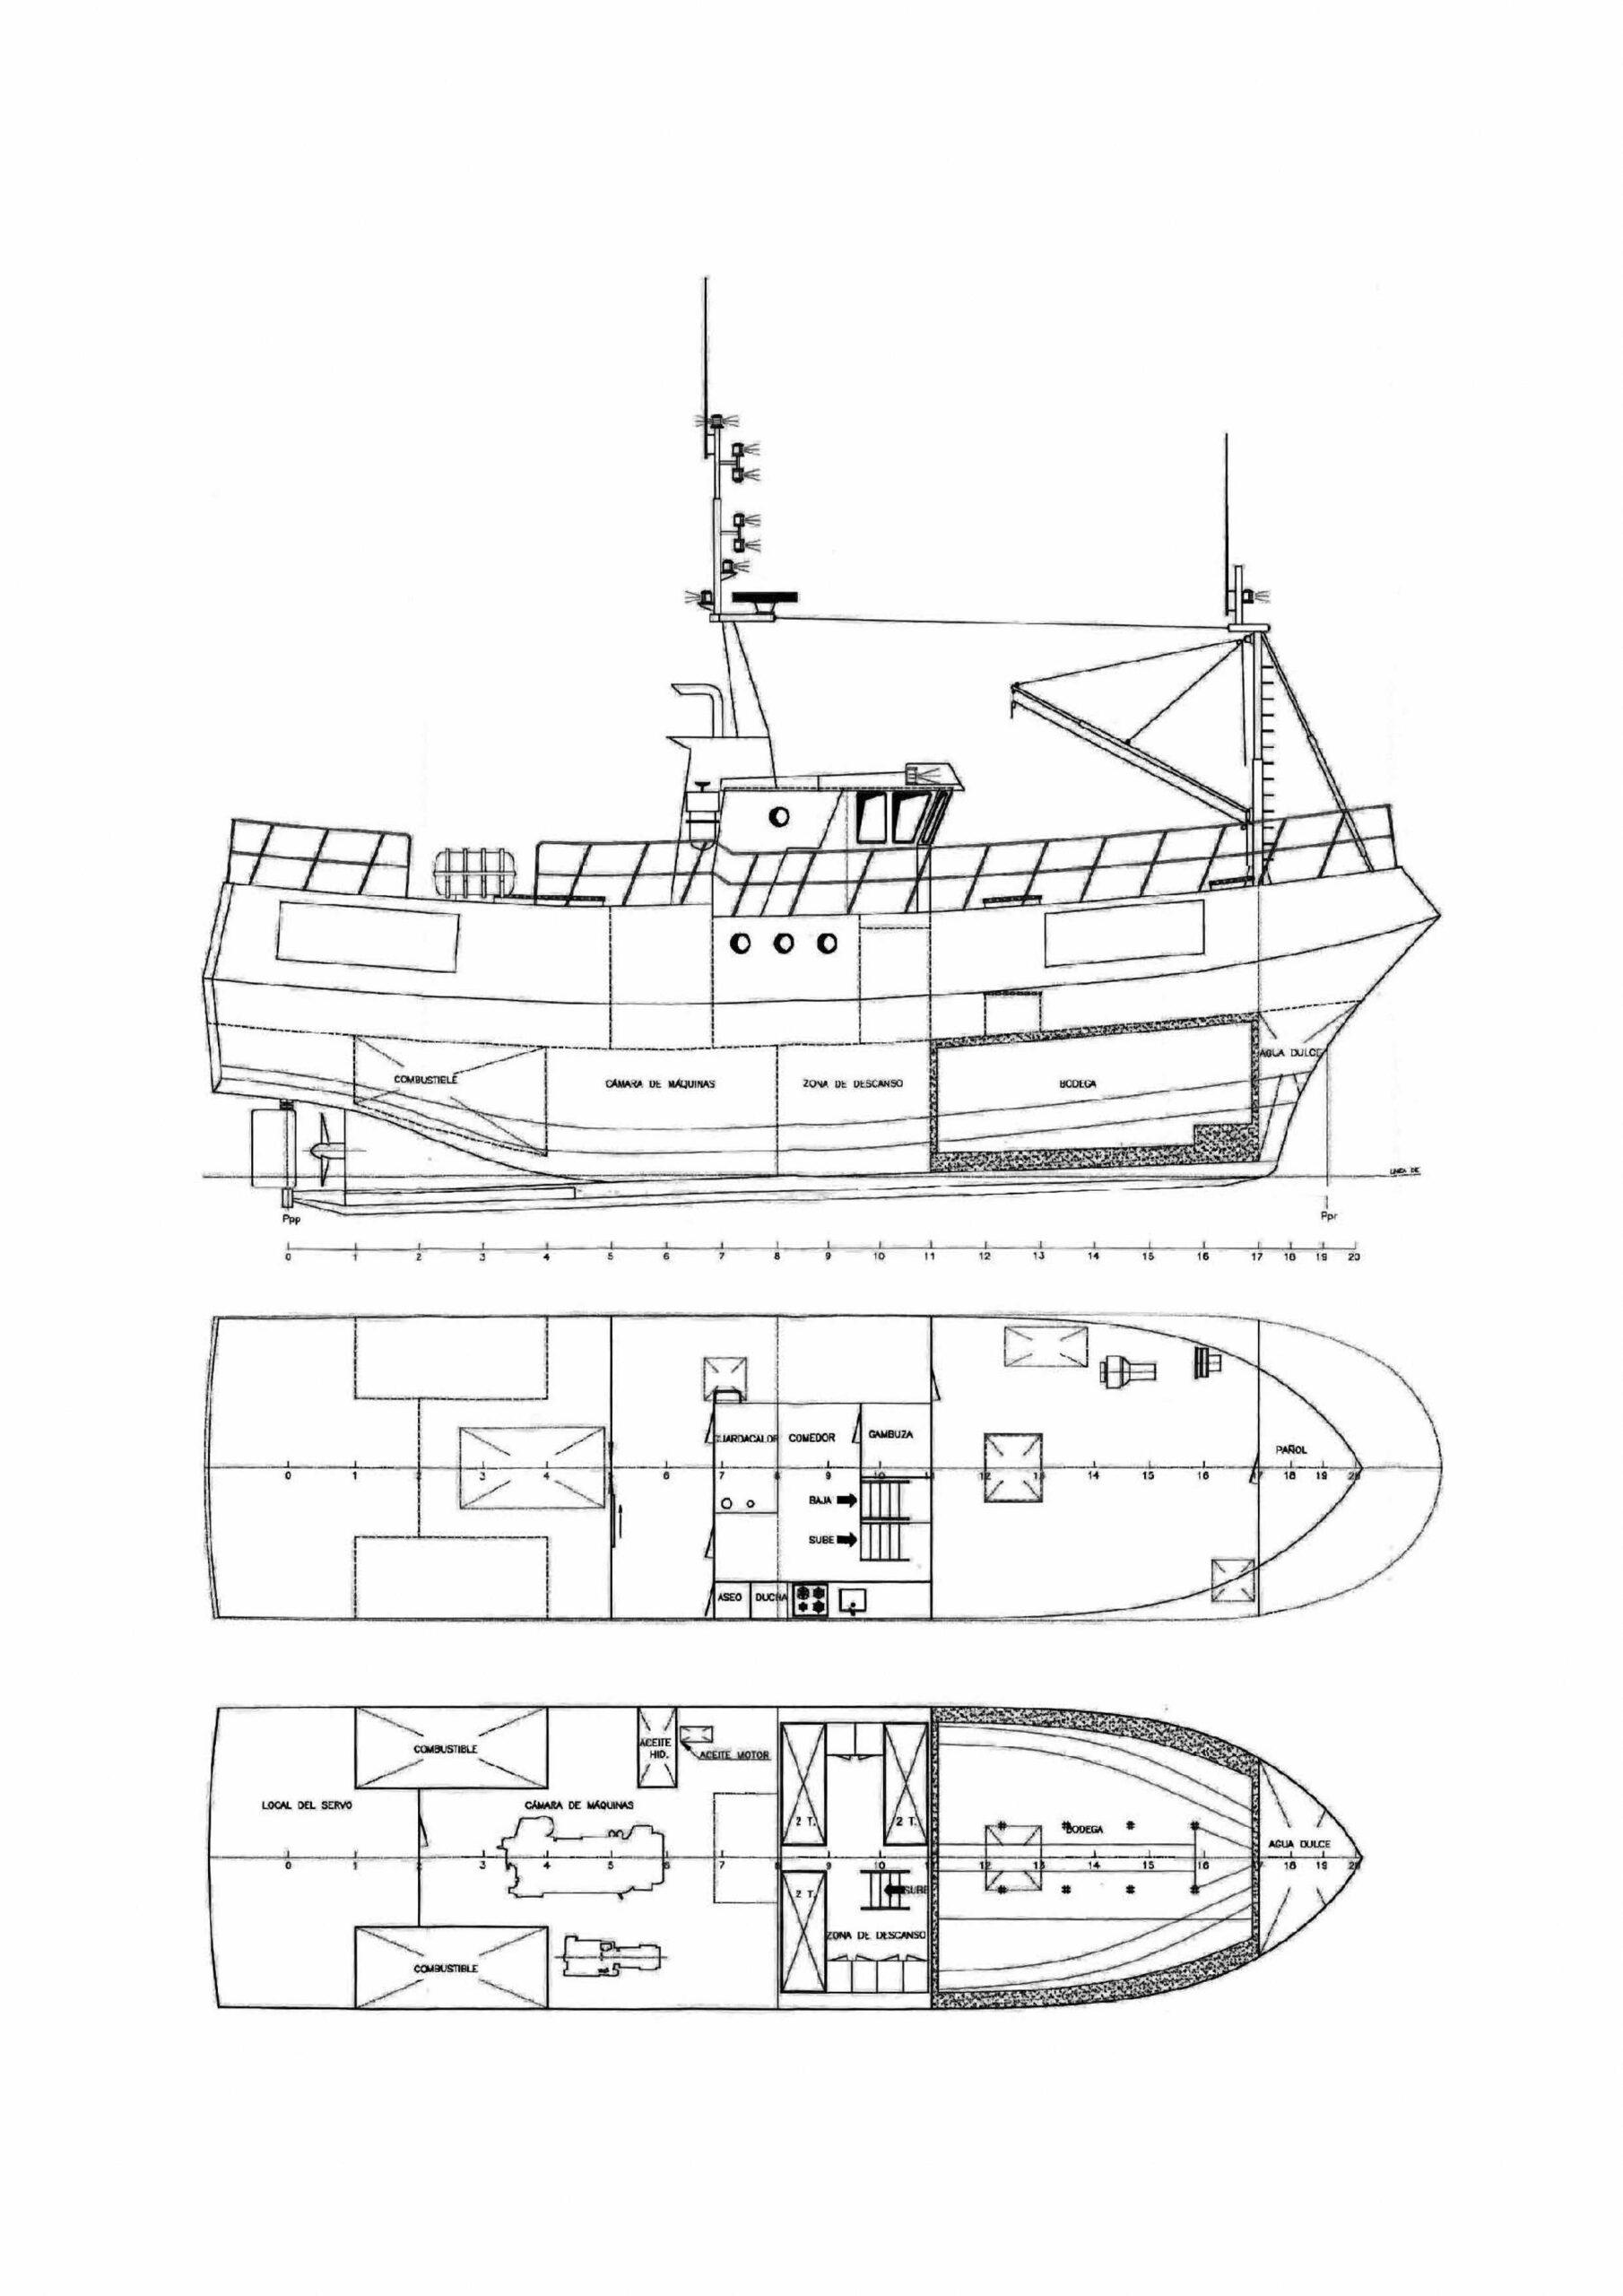 Figura 2: Plano de disposición general del pesquero Hermanos Landrove